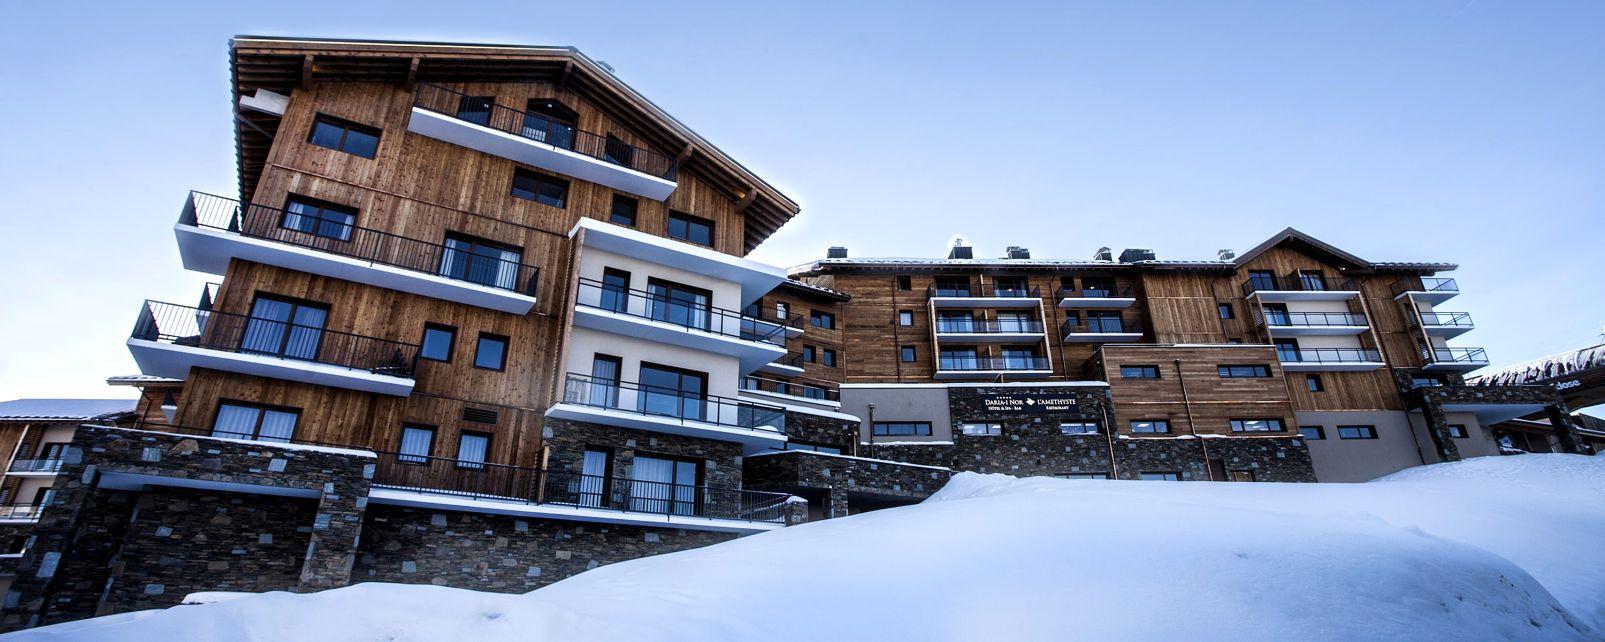 Hôtel Daria-I-Nor